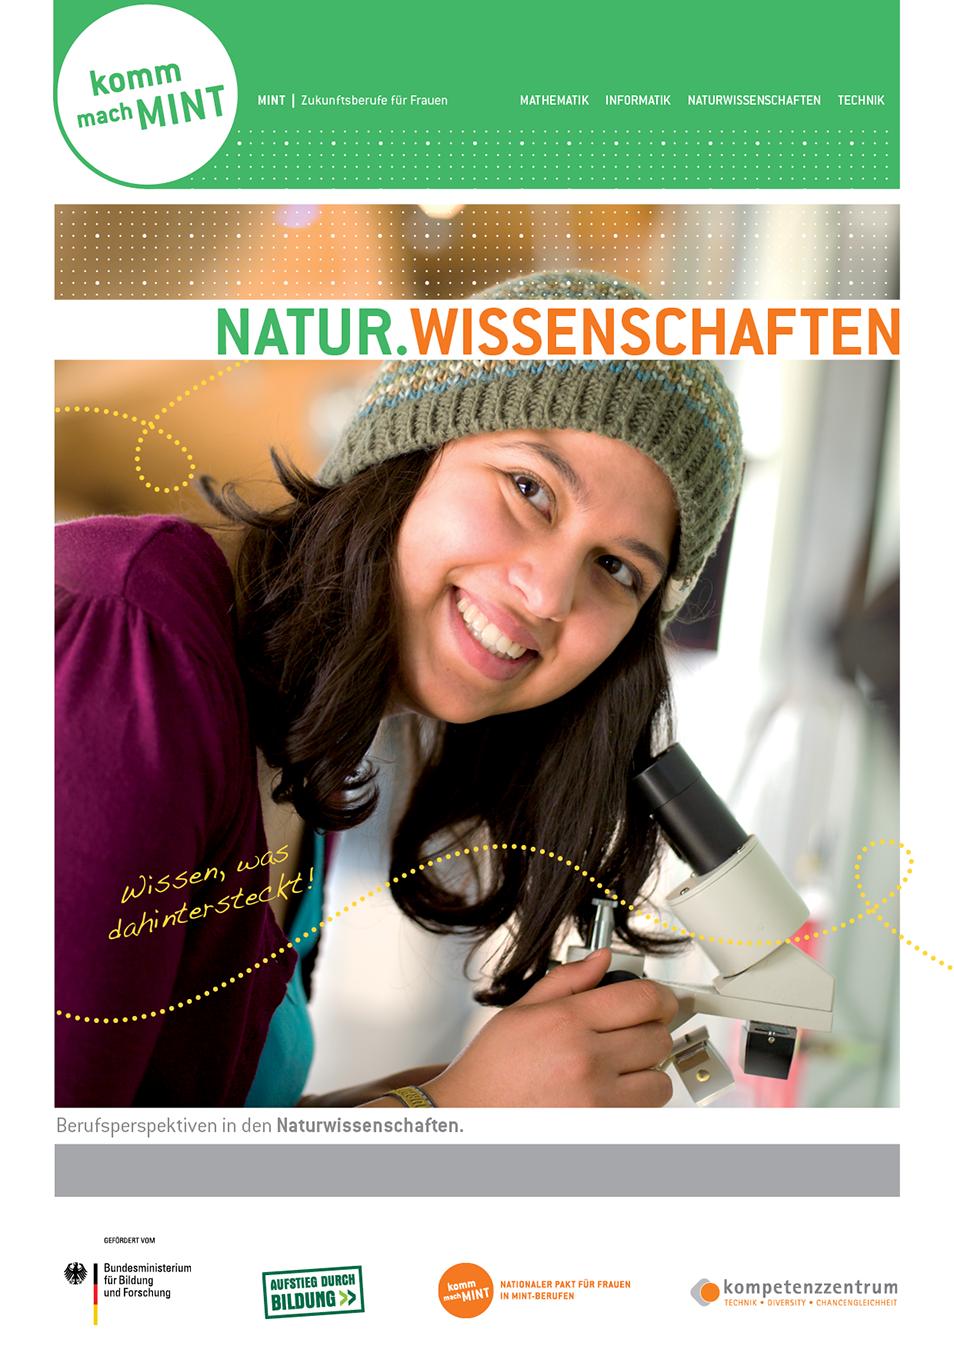 Titelbild der Naturwissenschaftsbroschüre